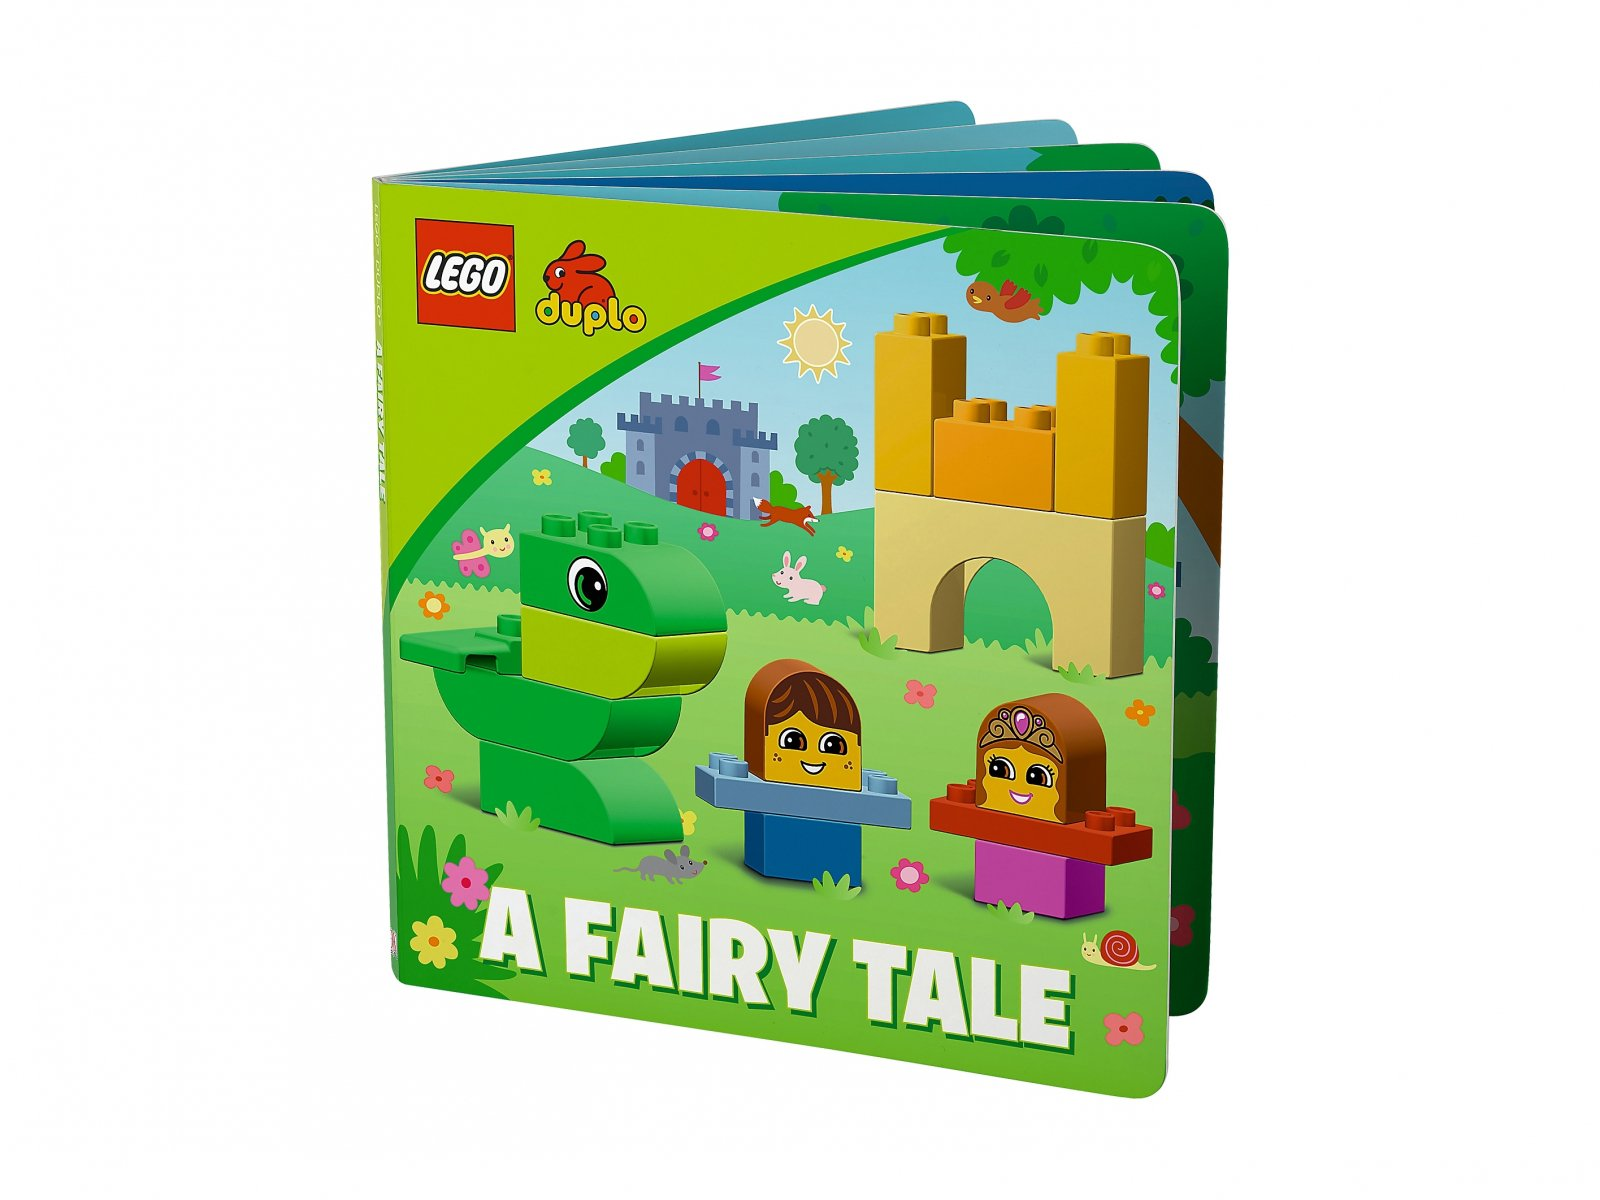 LEGO Duplo® A Fairy Tale 10559